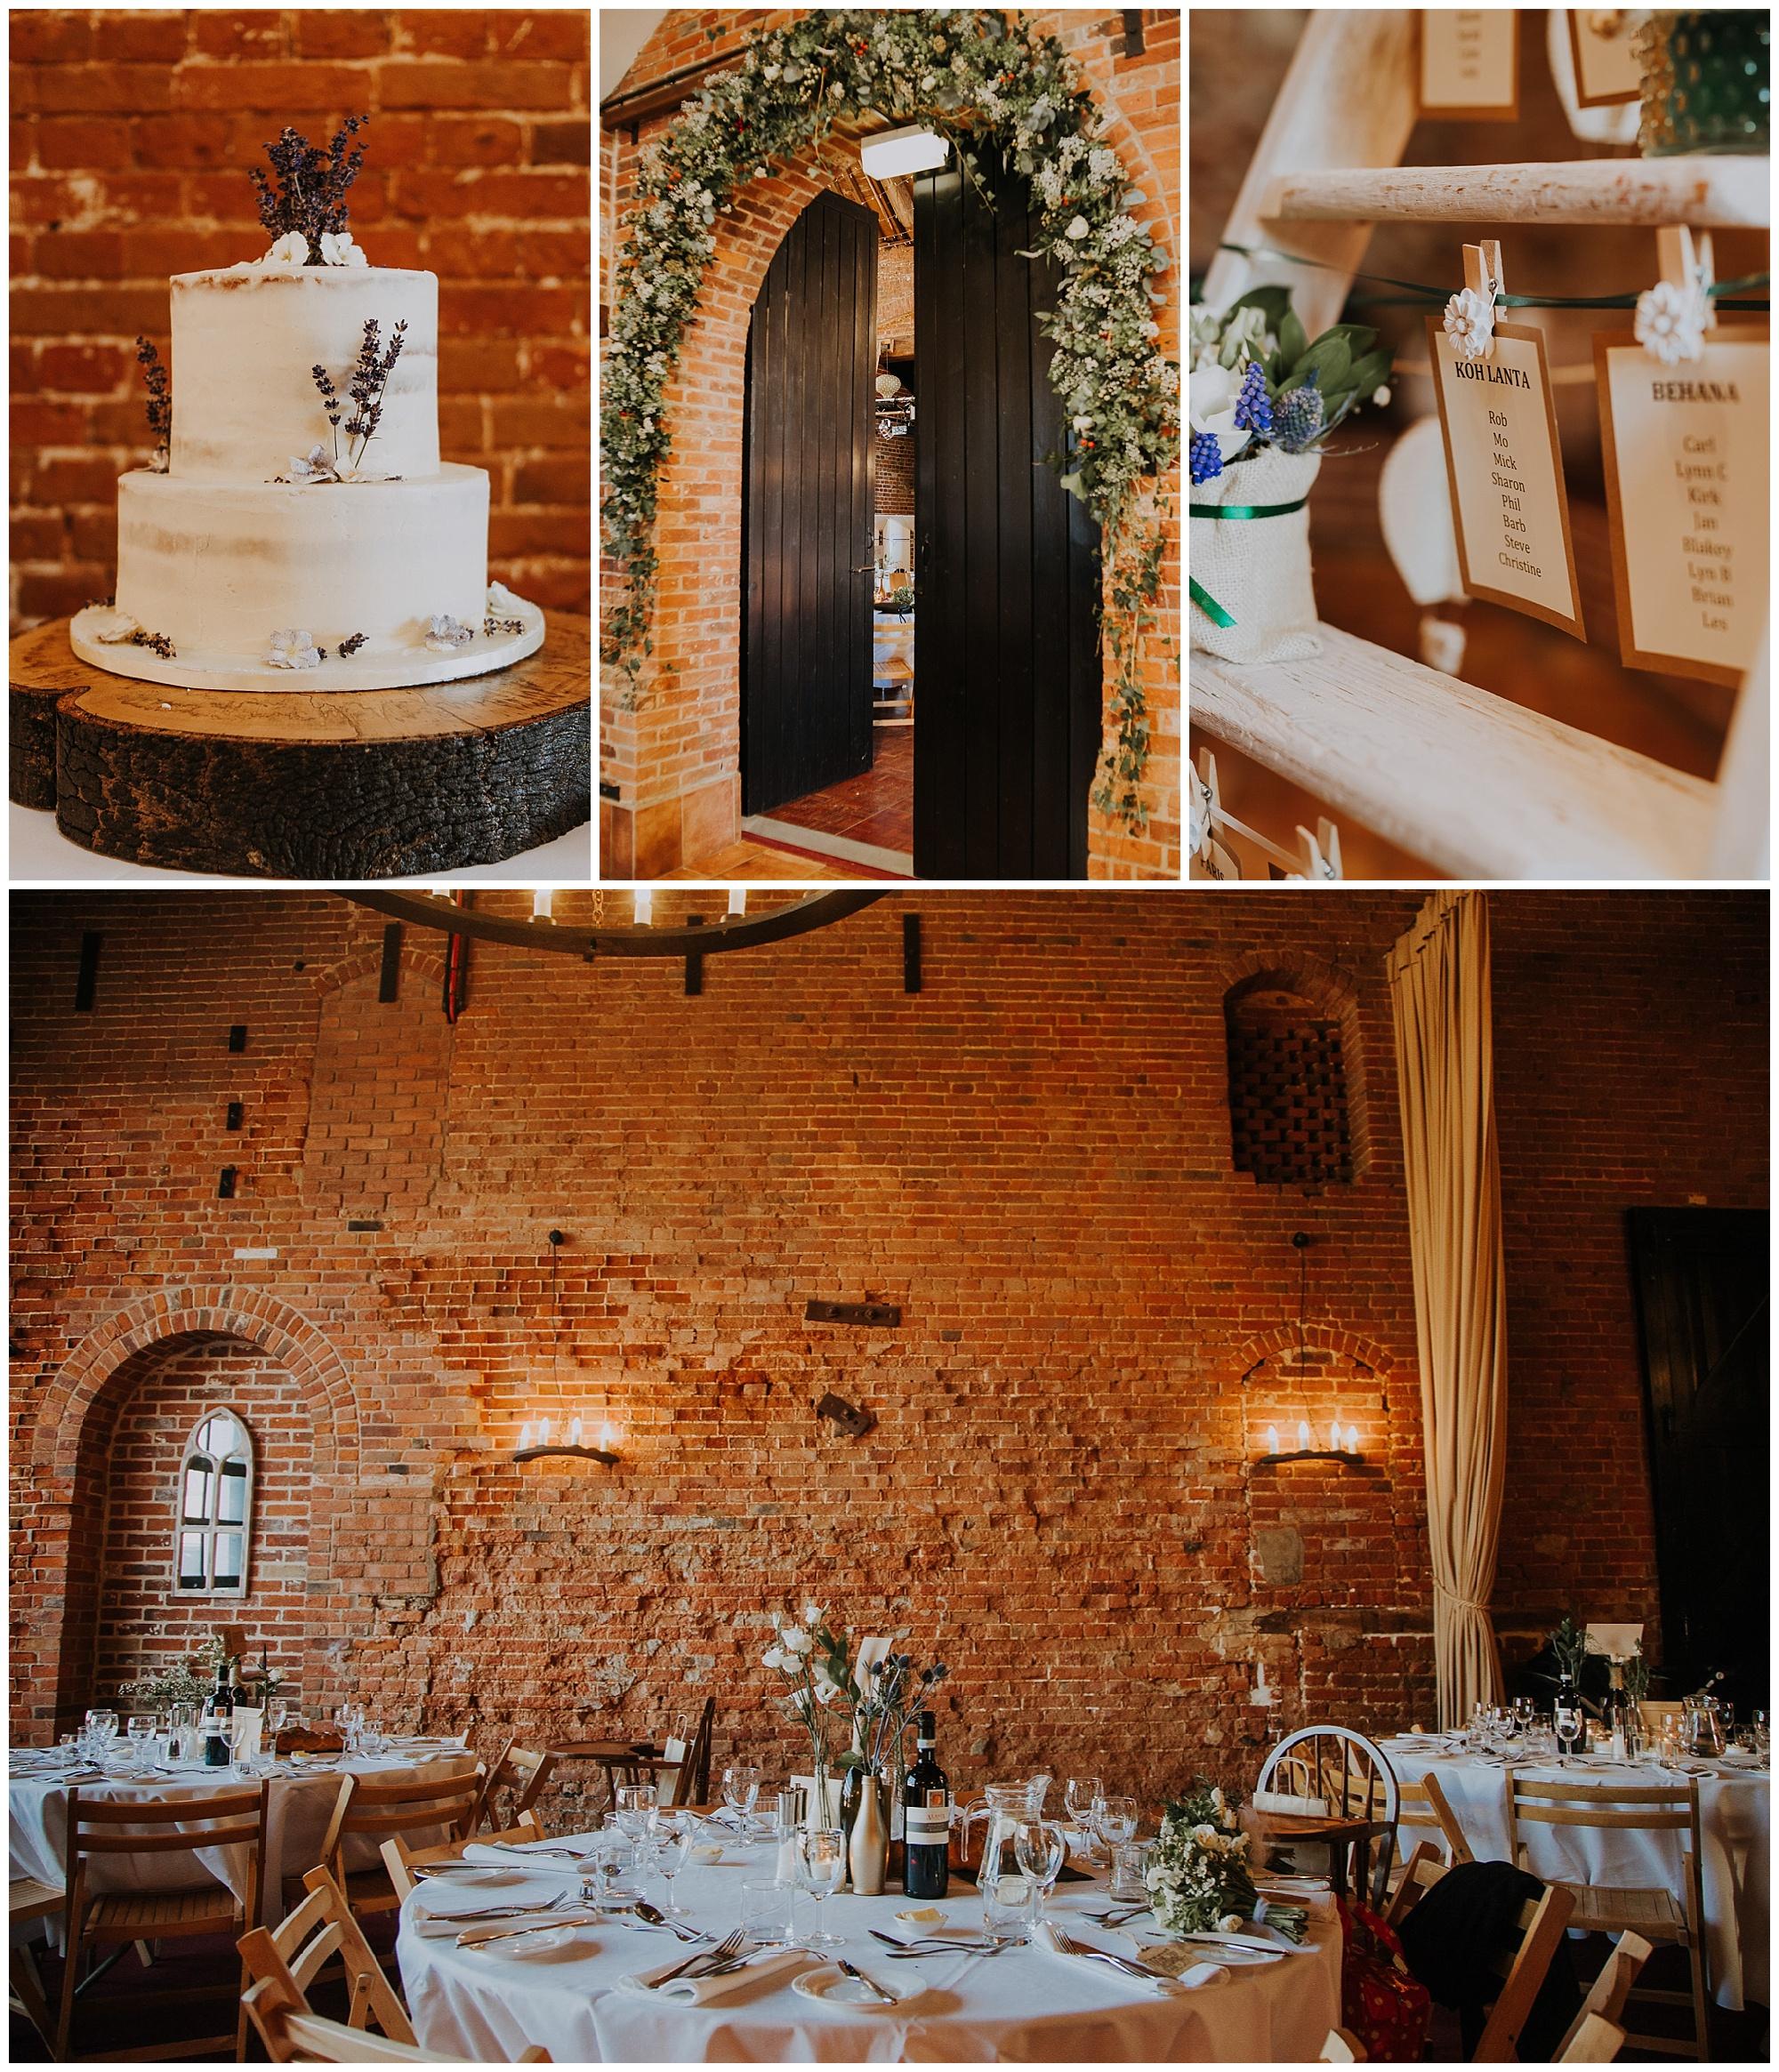 suffolk barns wedding venue